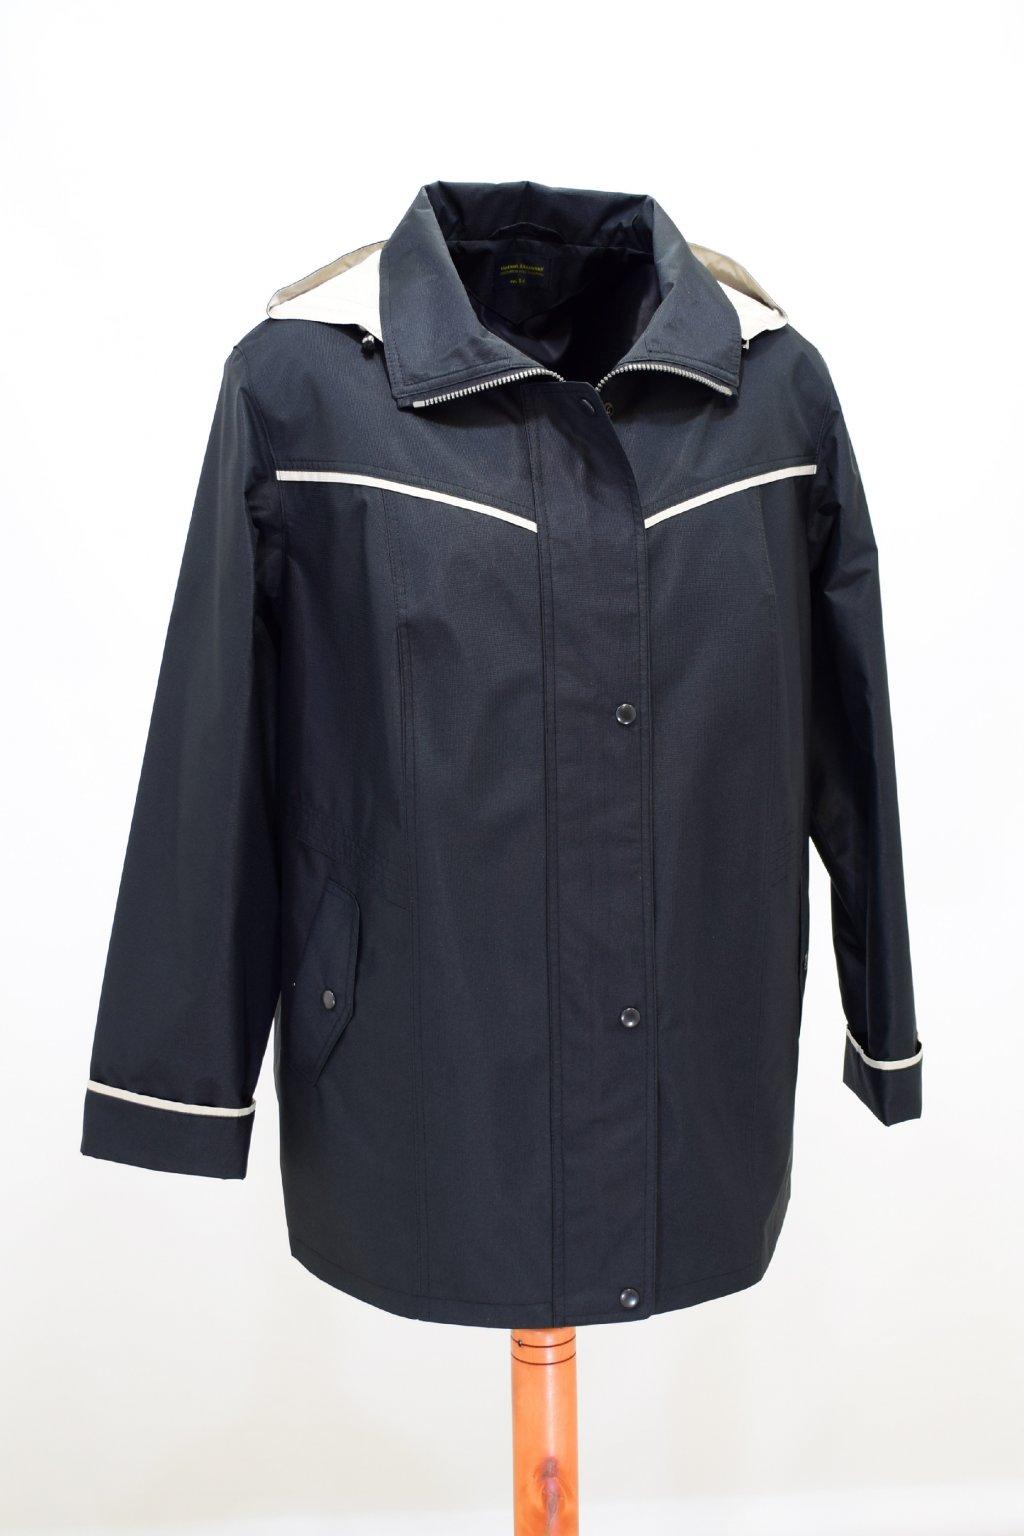 Dámská jarní černá bunda Nikola nadměrné velikosti.